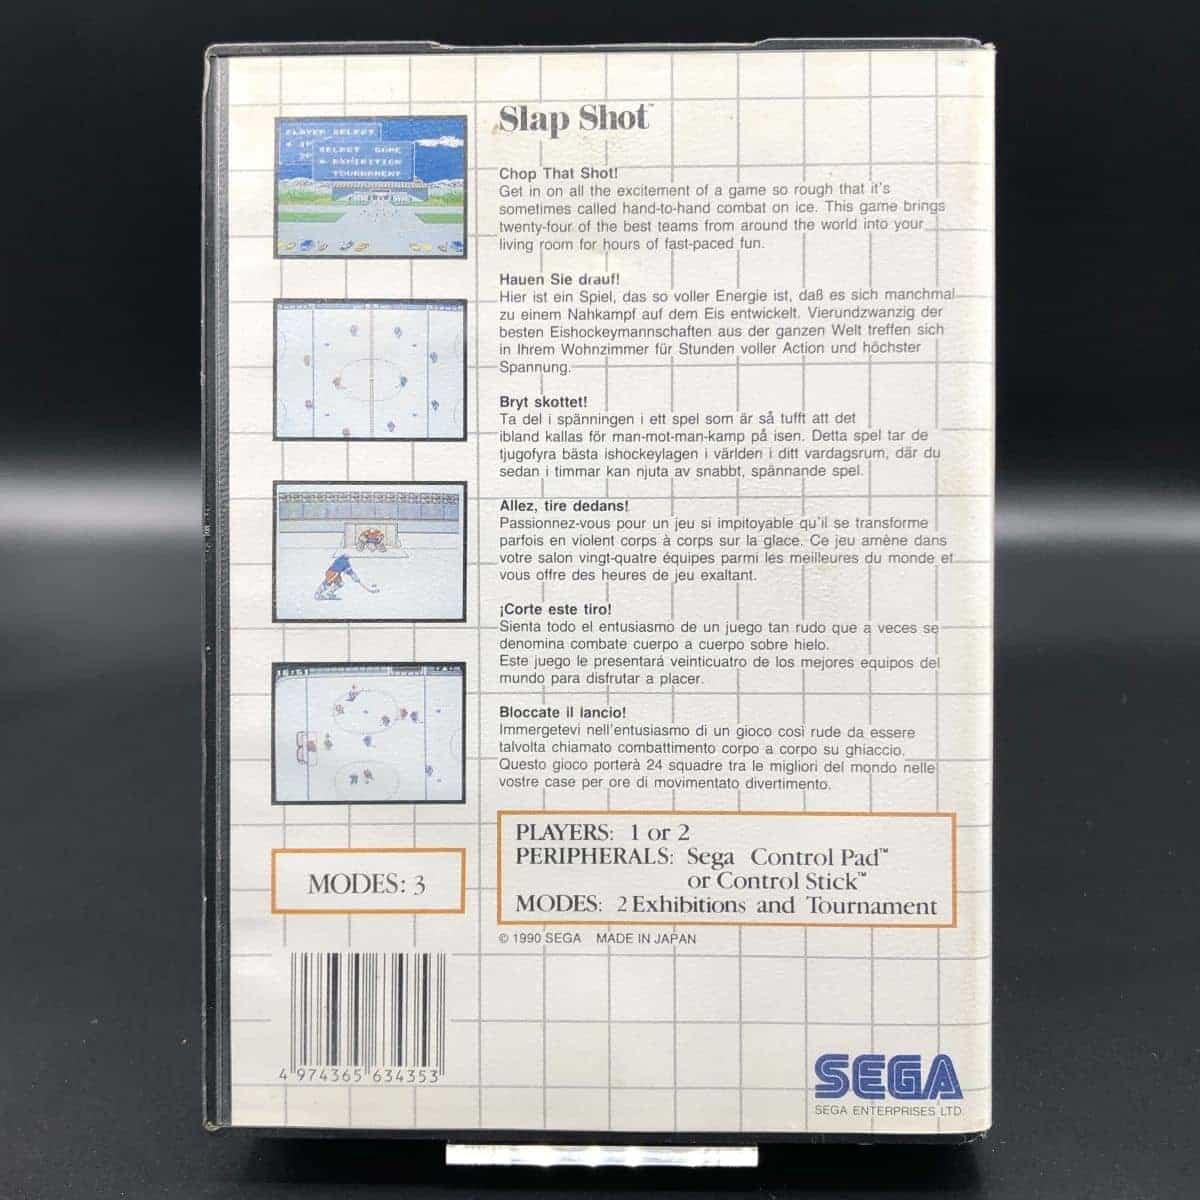 Slap Shot (Komplett) (Gebrauchsspuren) Sega Master System